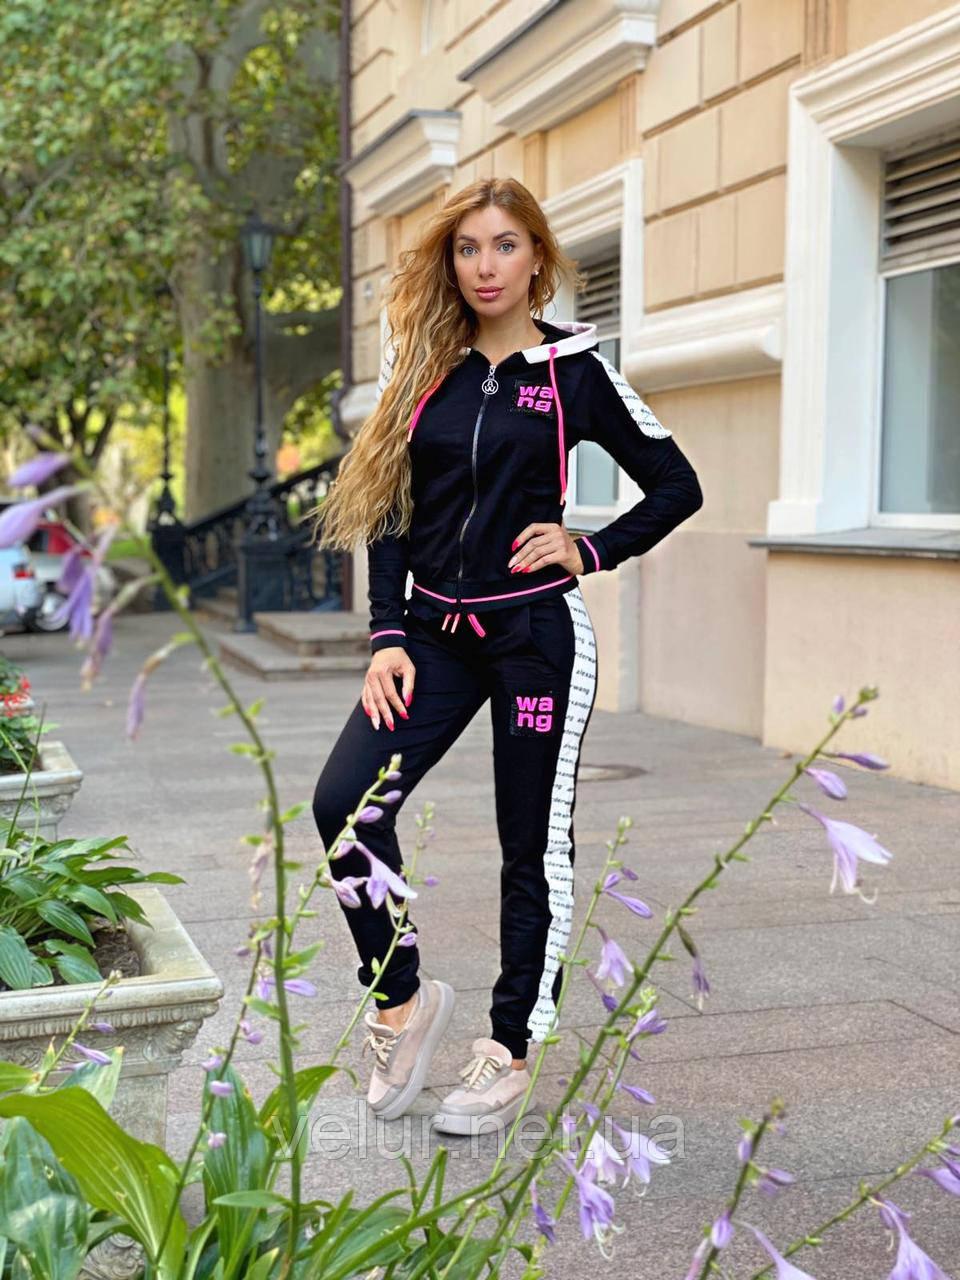 Женский спортивный трикотажный костюм, (Турция, Бренд); Размеры:С,М,Л,ХЛ (полномерные,) цвет на фото.